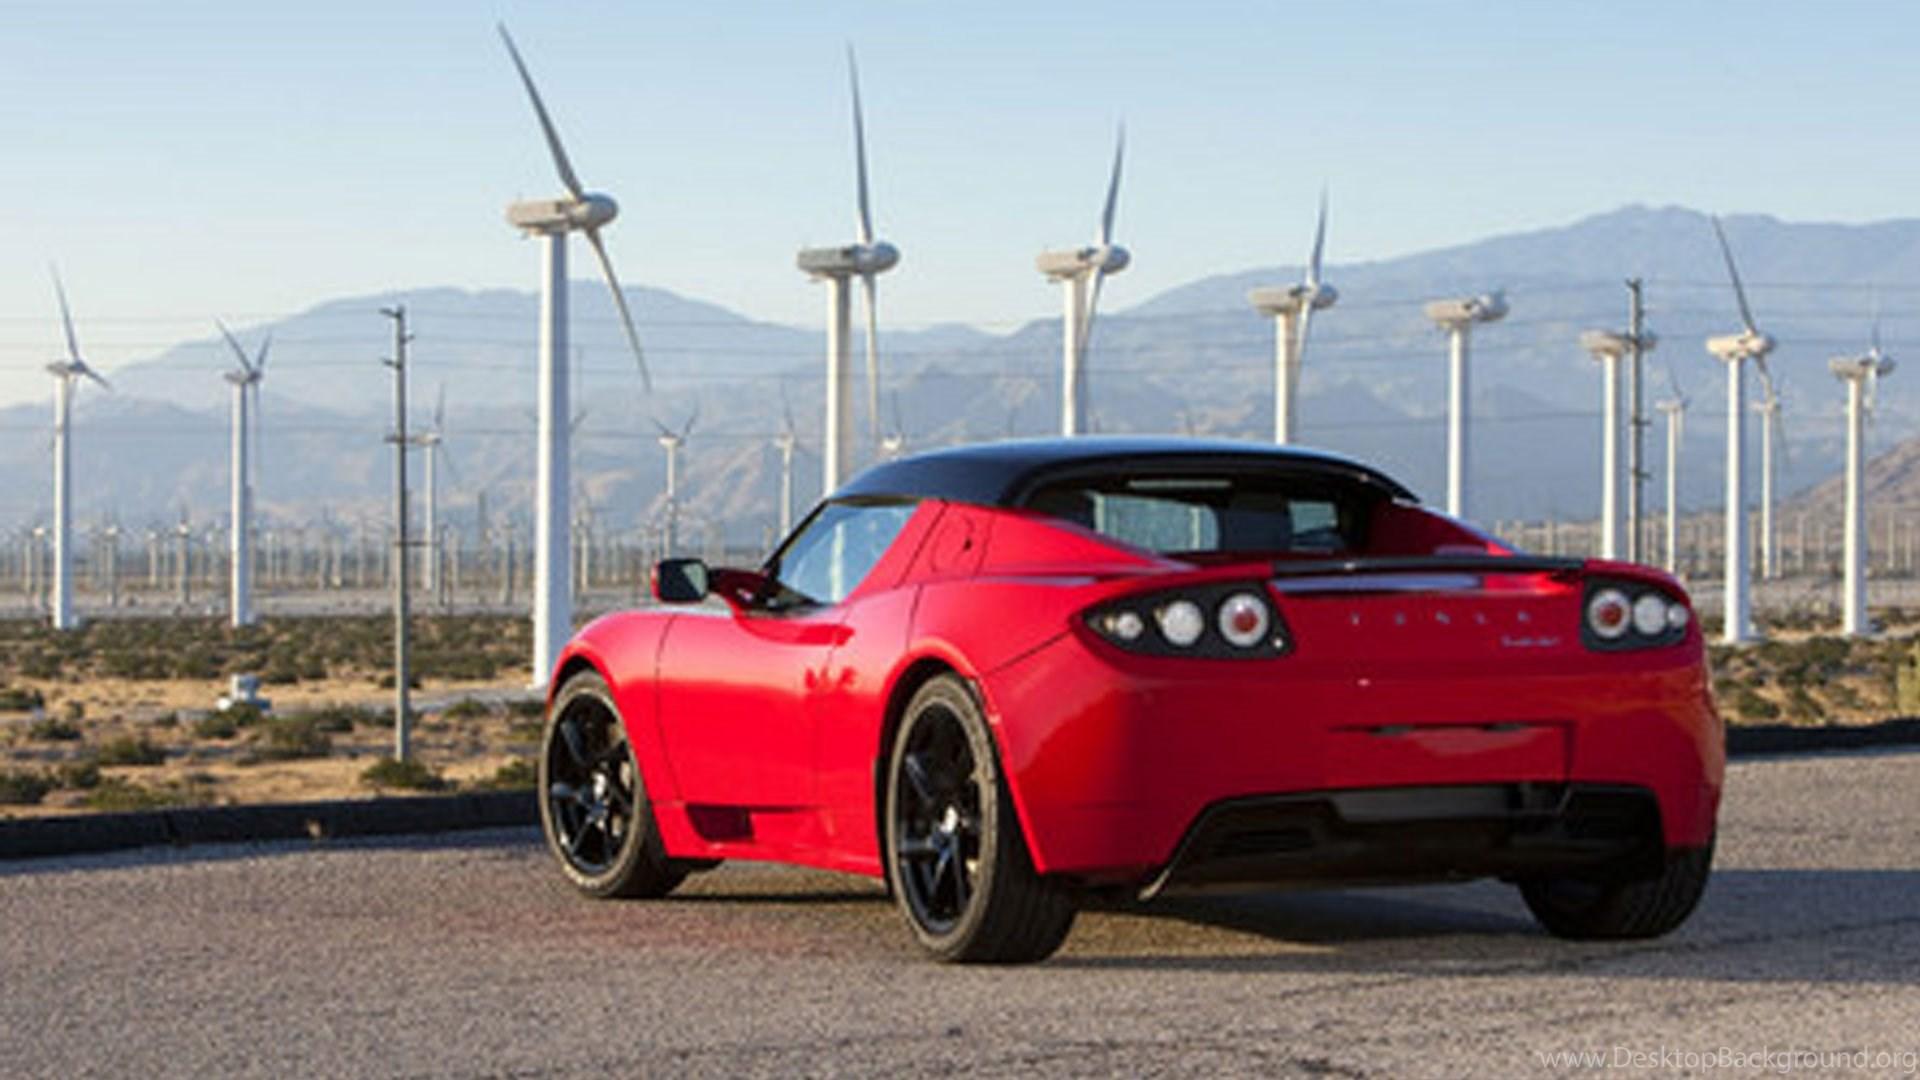 New Tesla Roadster 2 5 Red Wallpaper 2 Freak Wheel Desktop